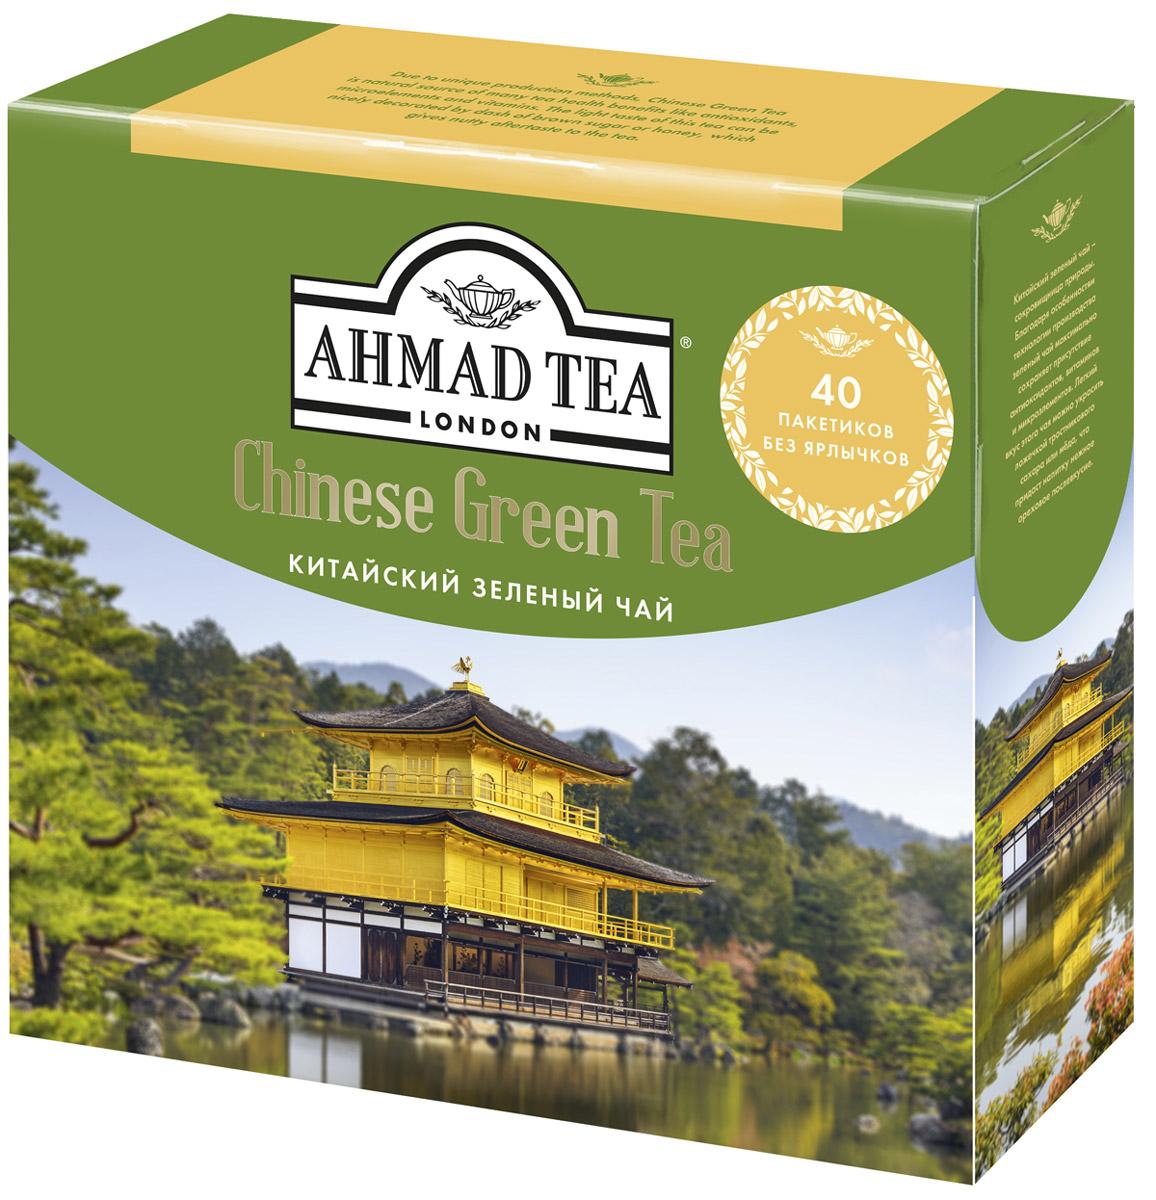 Ahmad Tea Китайский зеленый чай в пакетиках для заваривания в чайнике, 40 шт1584LYКитайский зеленый чай Ahmad Tea - сокровищница природы. Благодаря особенностям технологии производства зеленый чай максимально сохраняет присутствие антиоксидантов, витаминов и микроэлементов. Легкий вкус этого чая можно украсить ложечкой тростникового сахара, меда, что придаст напитку нежное ореховое послевкусие.Уважаемые клиенты! Обращаем ваше внимание на то, что упаковка может иметь несколько видов дизайна. Поставка осуществляется в зависимости от наличия на складе.